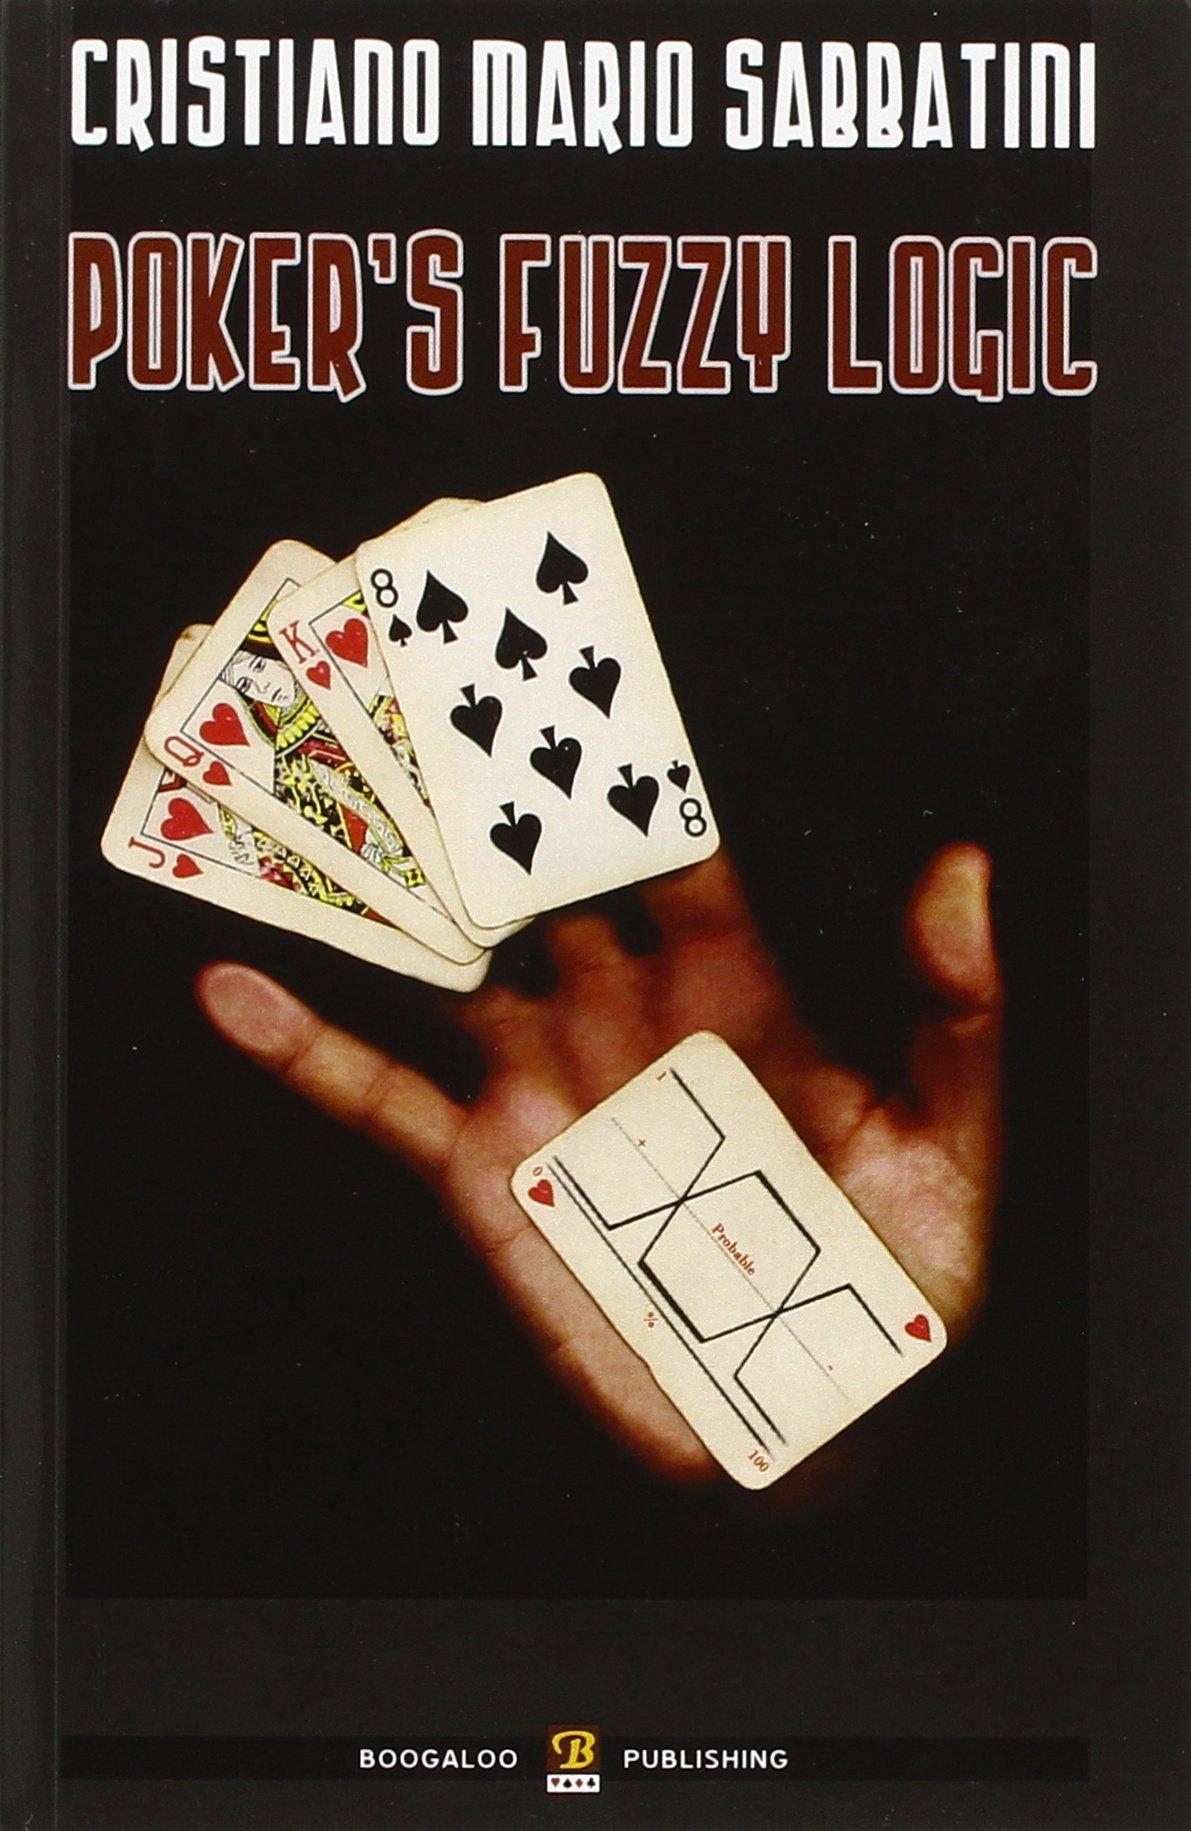 Poker's fuzzy logic pdf